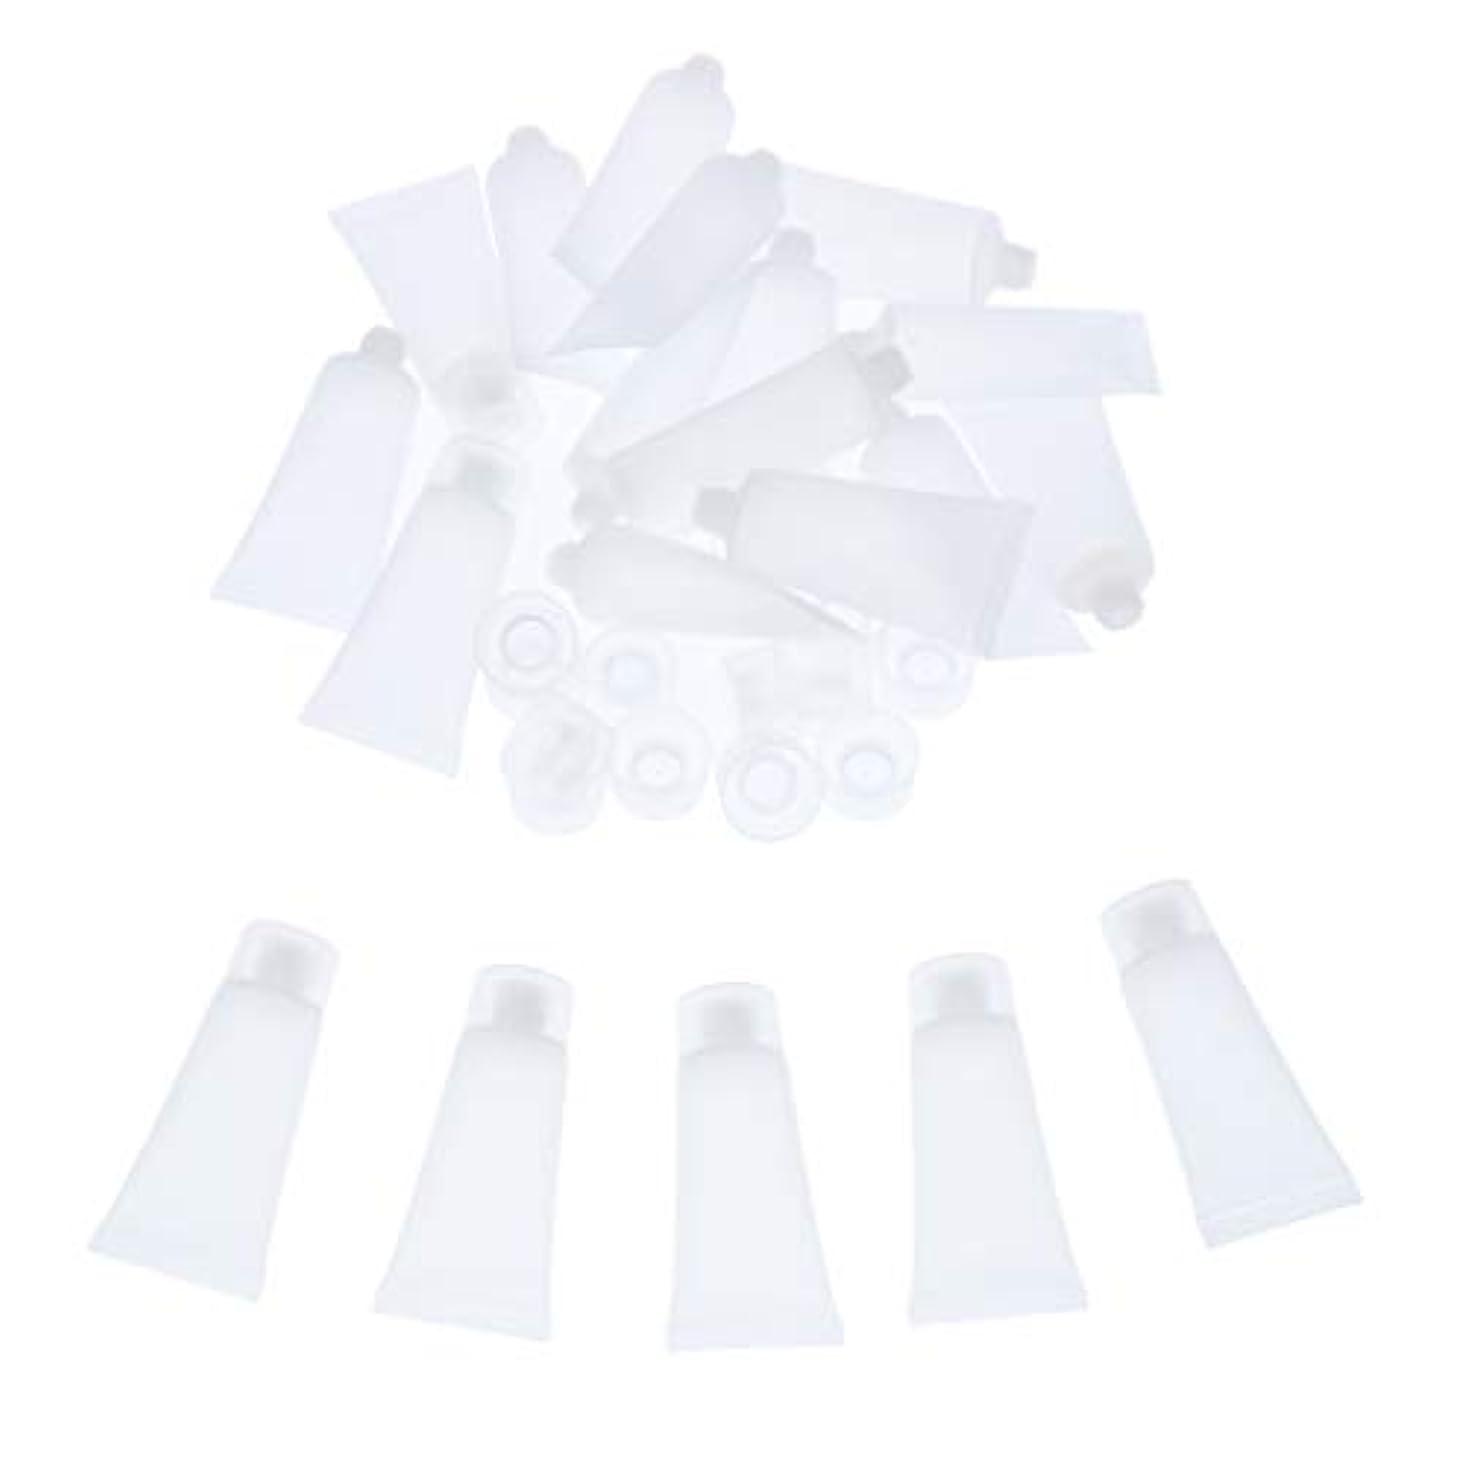 最もオーナメント不名誉SM SunniMix クリーム チューブ 詰め替え ローション チューブ プラスチック素材 約20個入り 全4サイズ